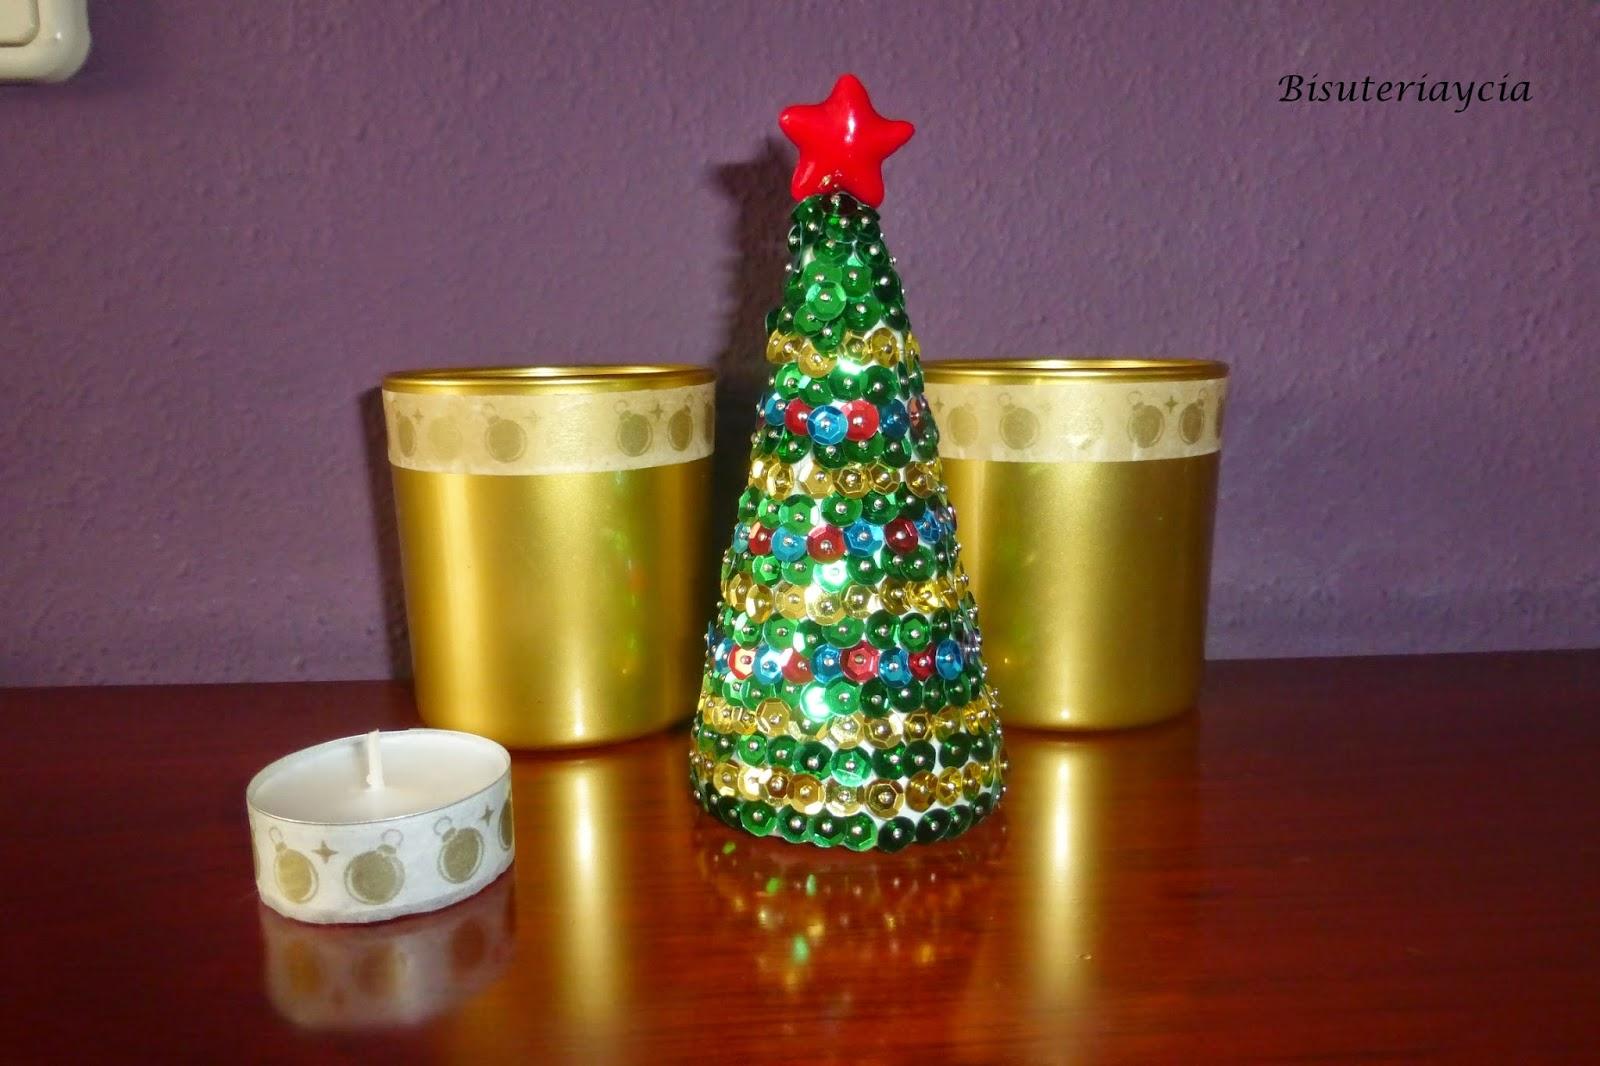 Bisuteriaycia como hacer un rbol de navidad con lentejuelas - Como se adorna un arbol de navidad ...